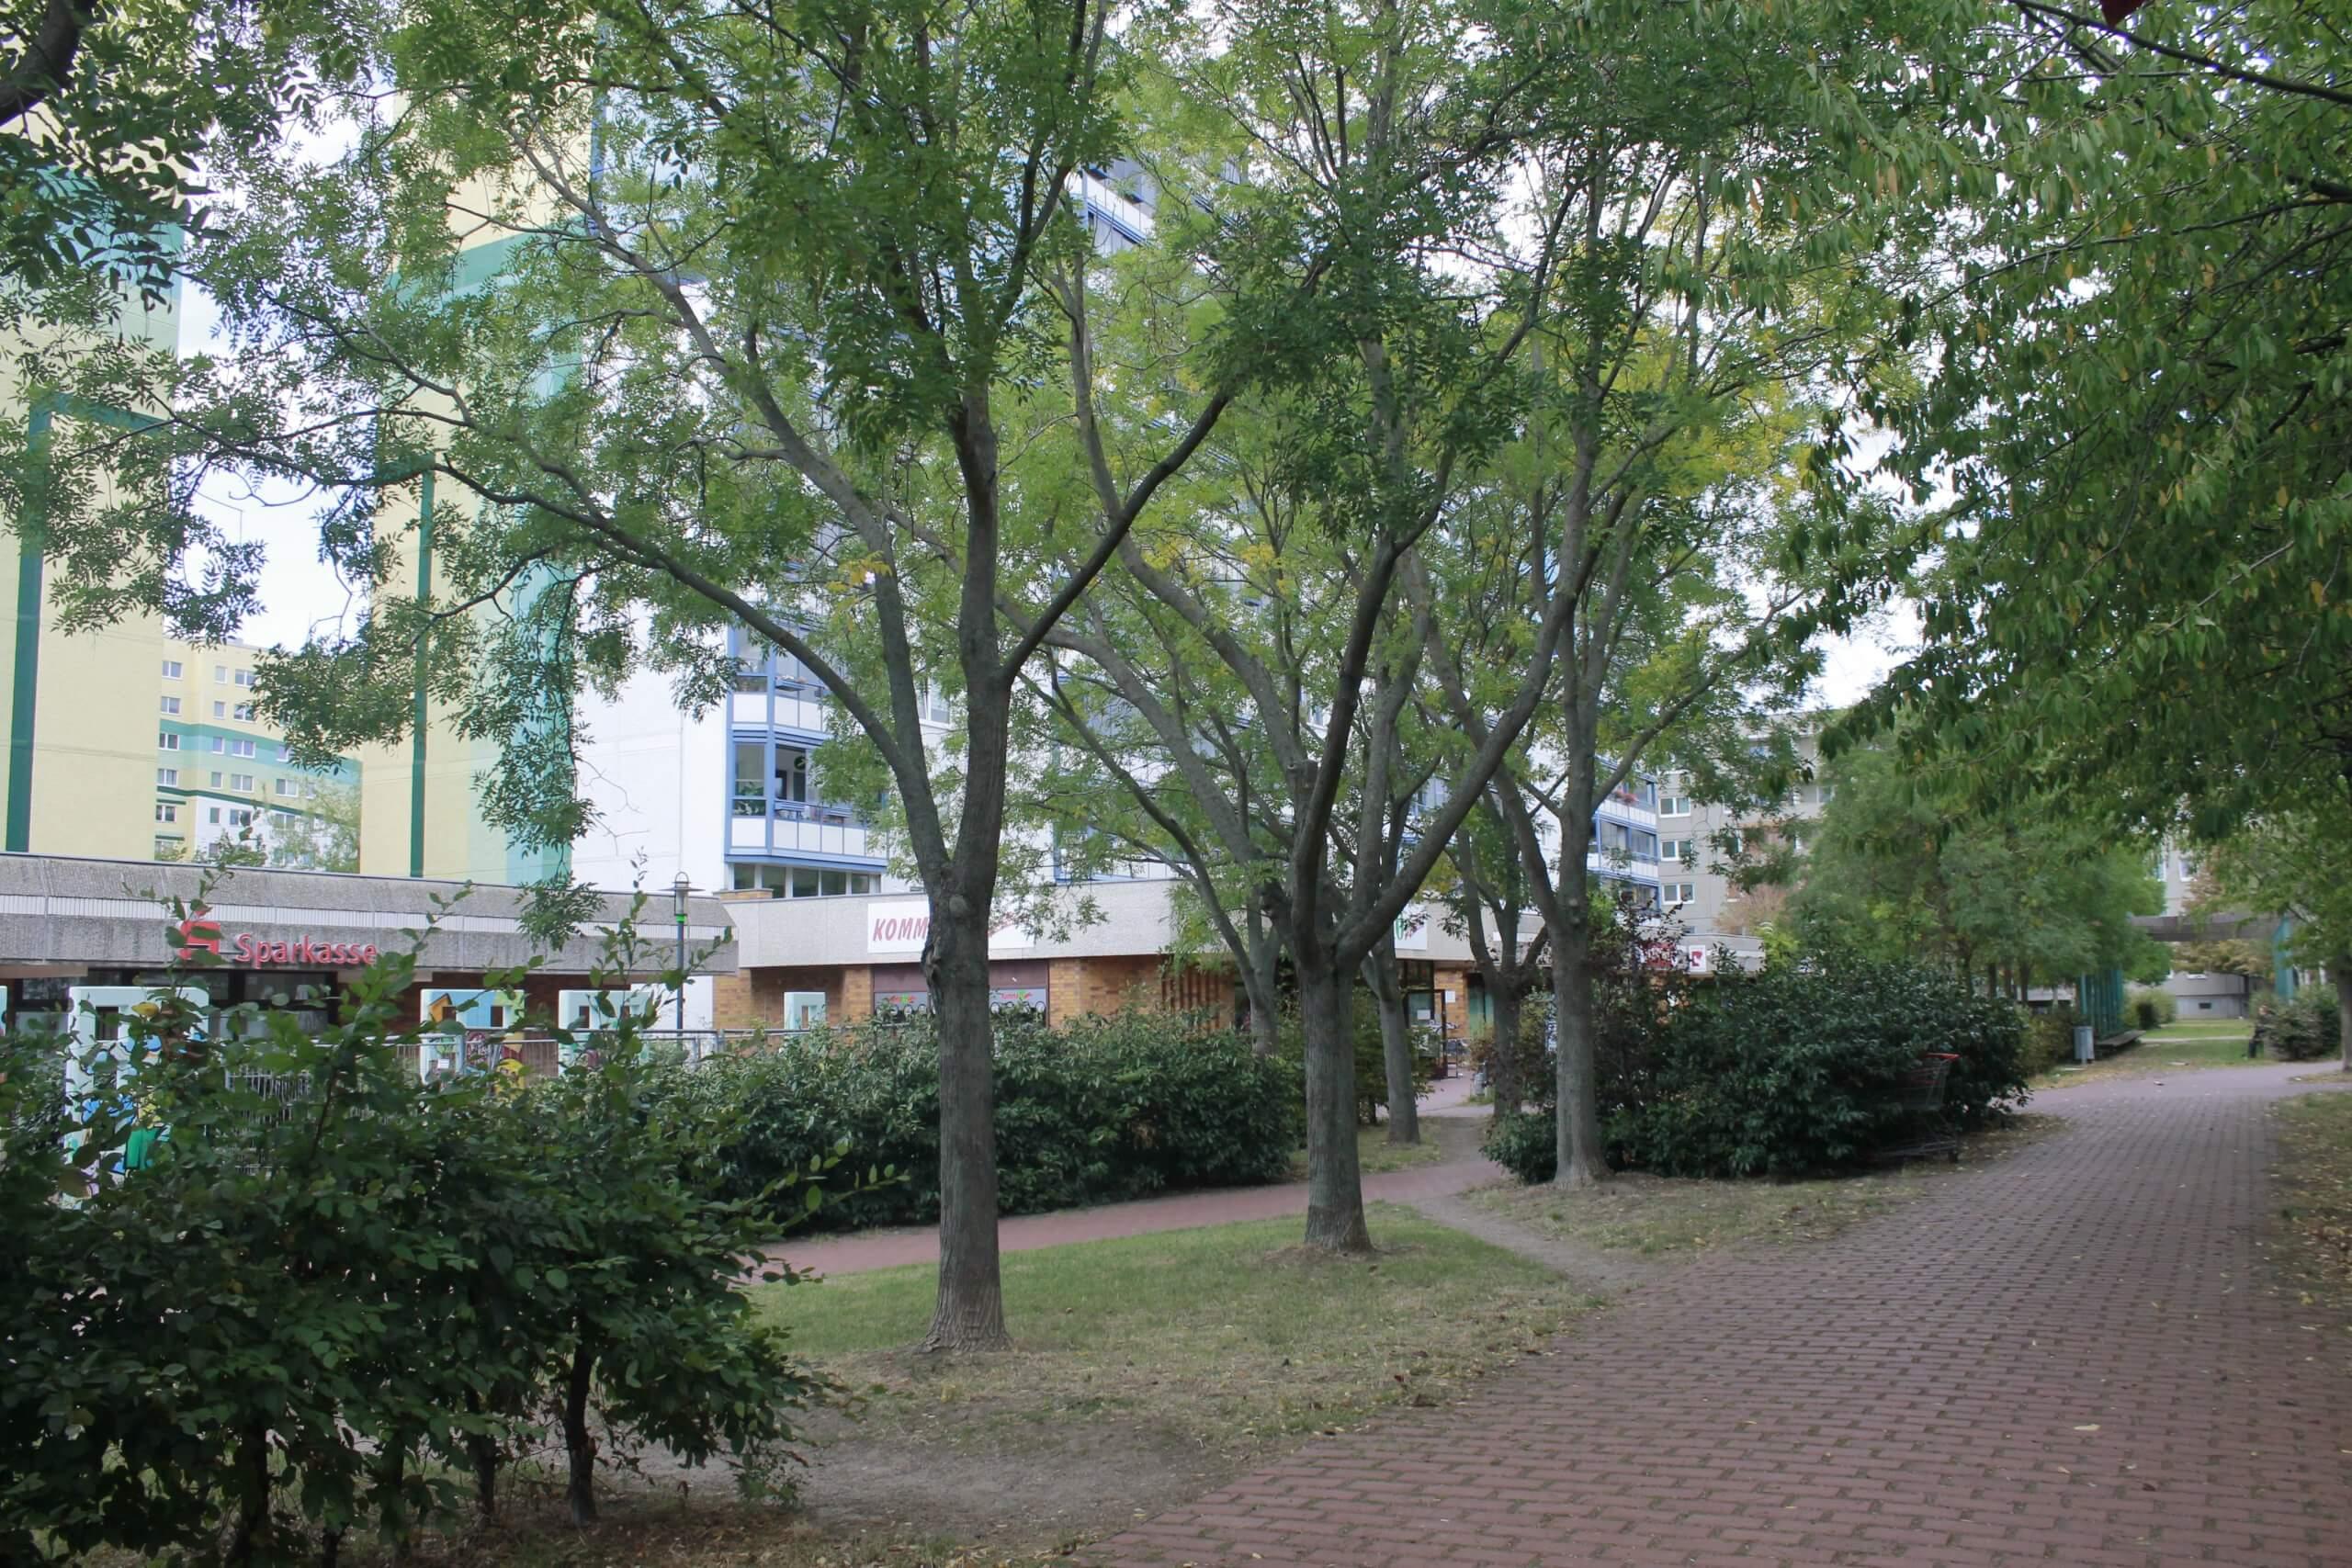 Das Bild zeigt in Reihe gepflanzte Schnurbäume im zentralen Grünzug des Kosmosviertels. Sie dienen hier als Wegbeschattung.